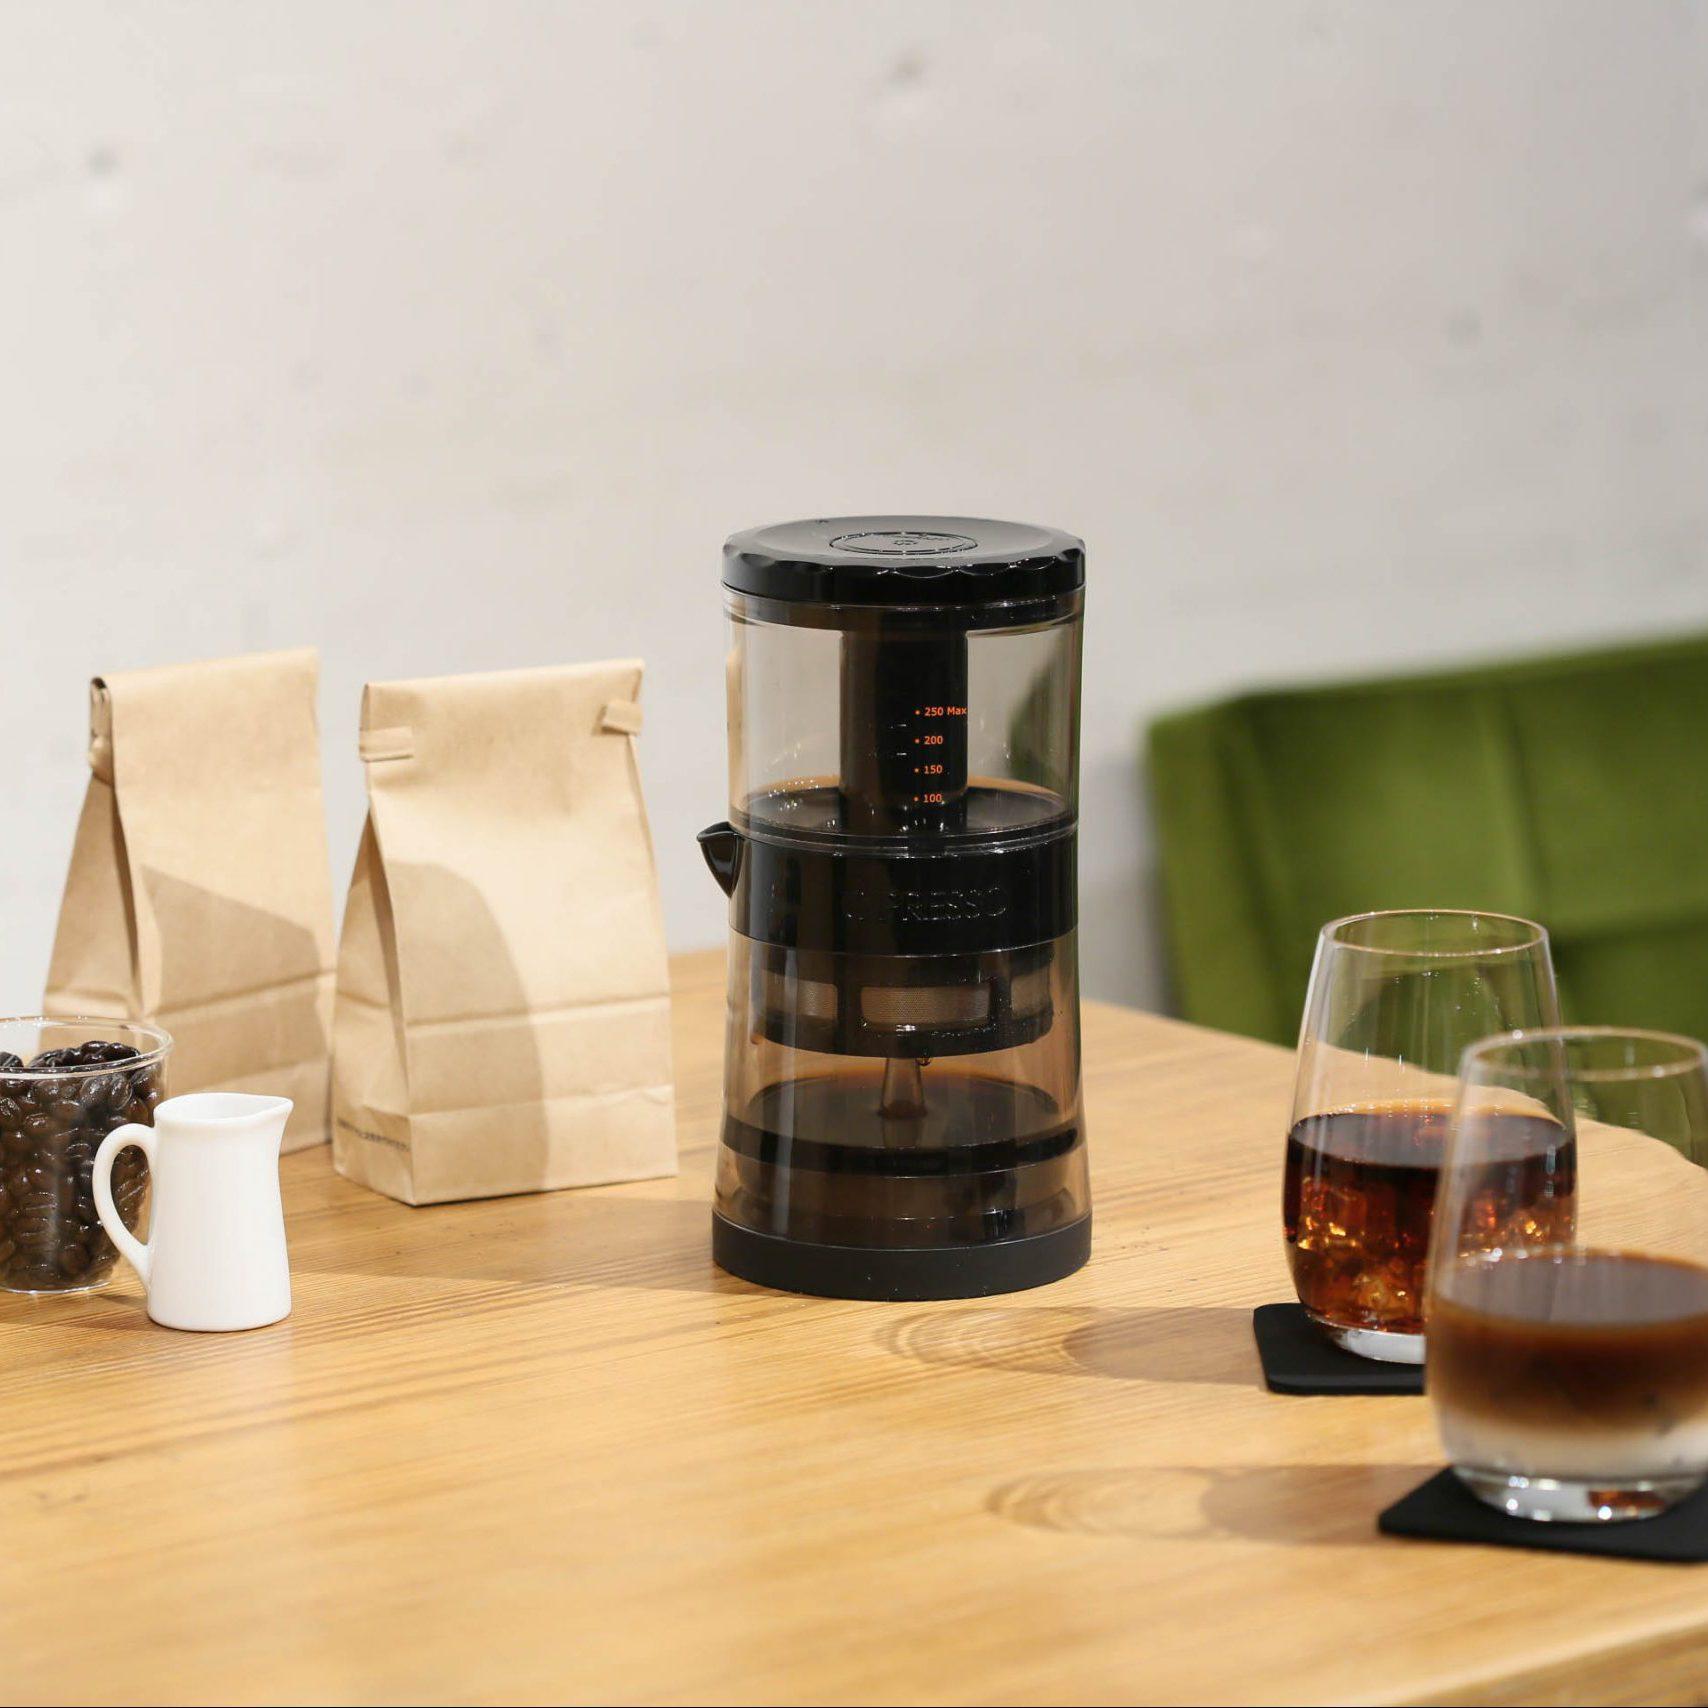 ジャイロプレッソコーヒーメーカー<br>MDK-GP01